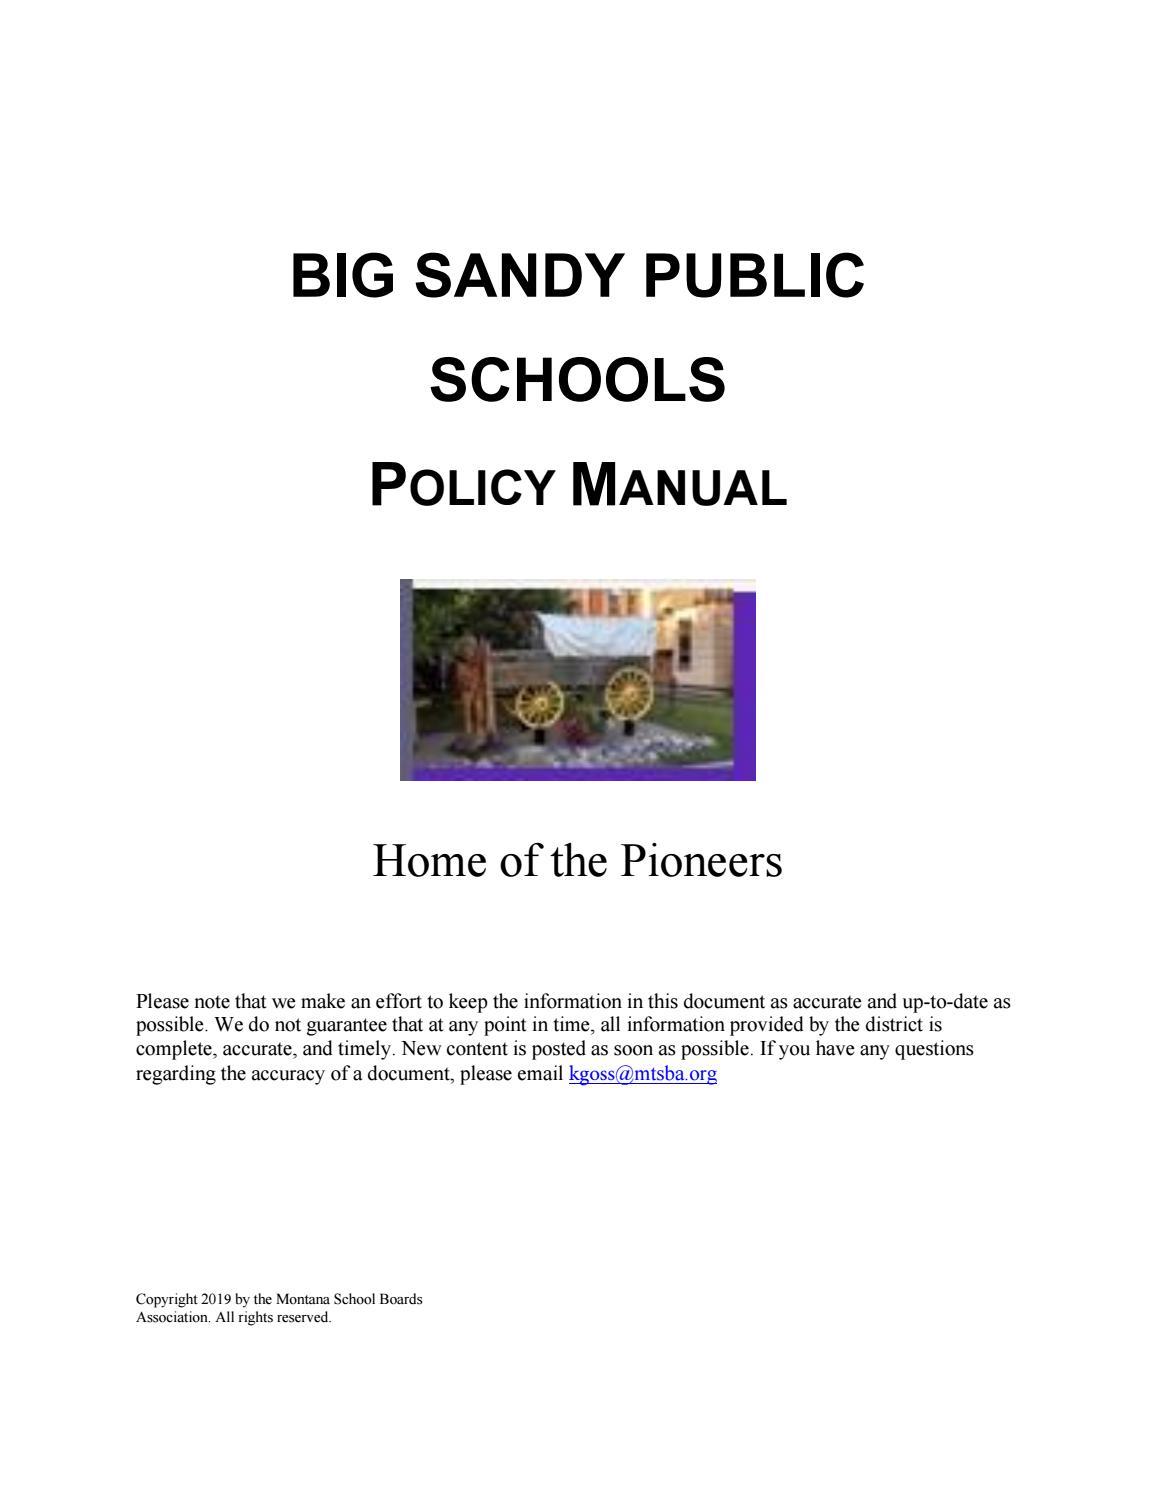 Big Sandy Public Schools Policy Manual by Montana School Boards